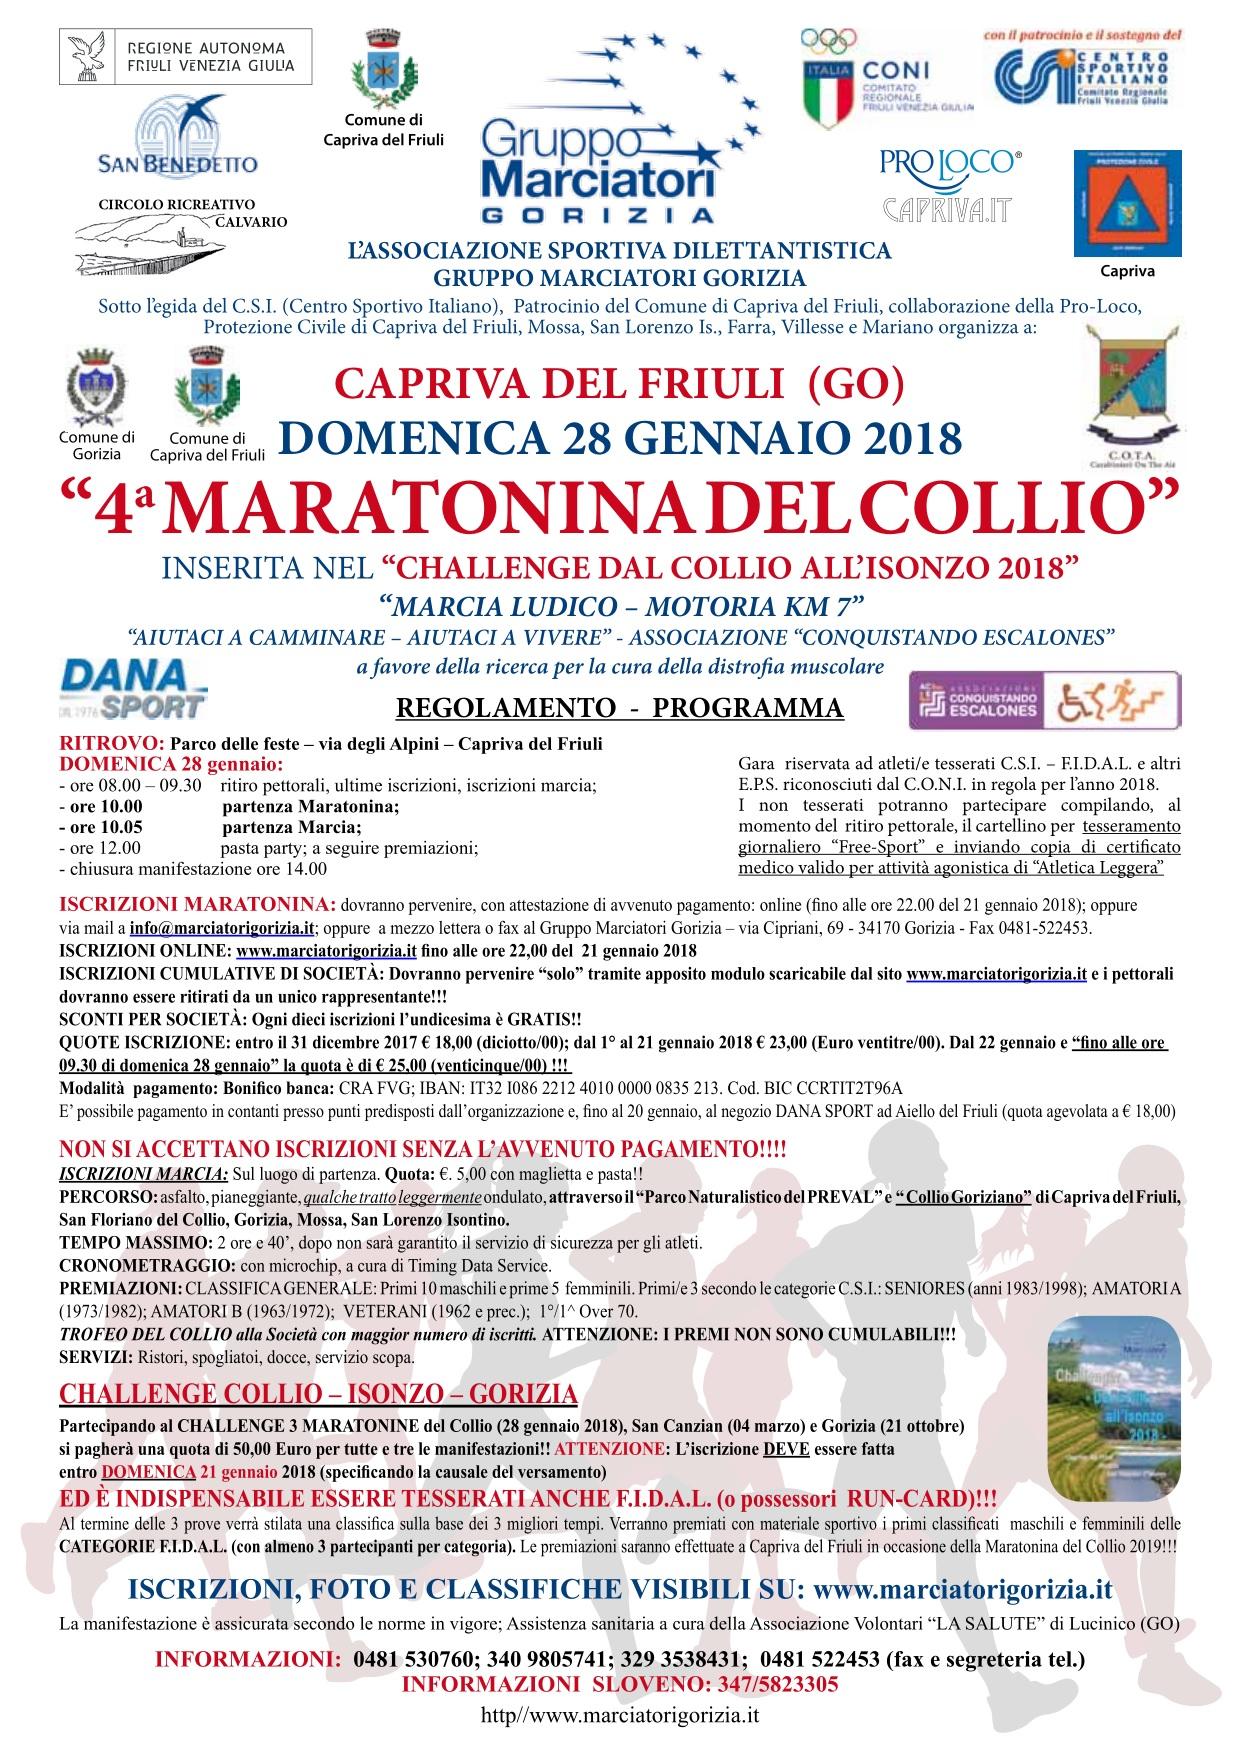 Calendario Fiasp Fvg.Friuli Venezia Giulia Gennaio 2018 Maratona Marathon